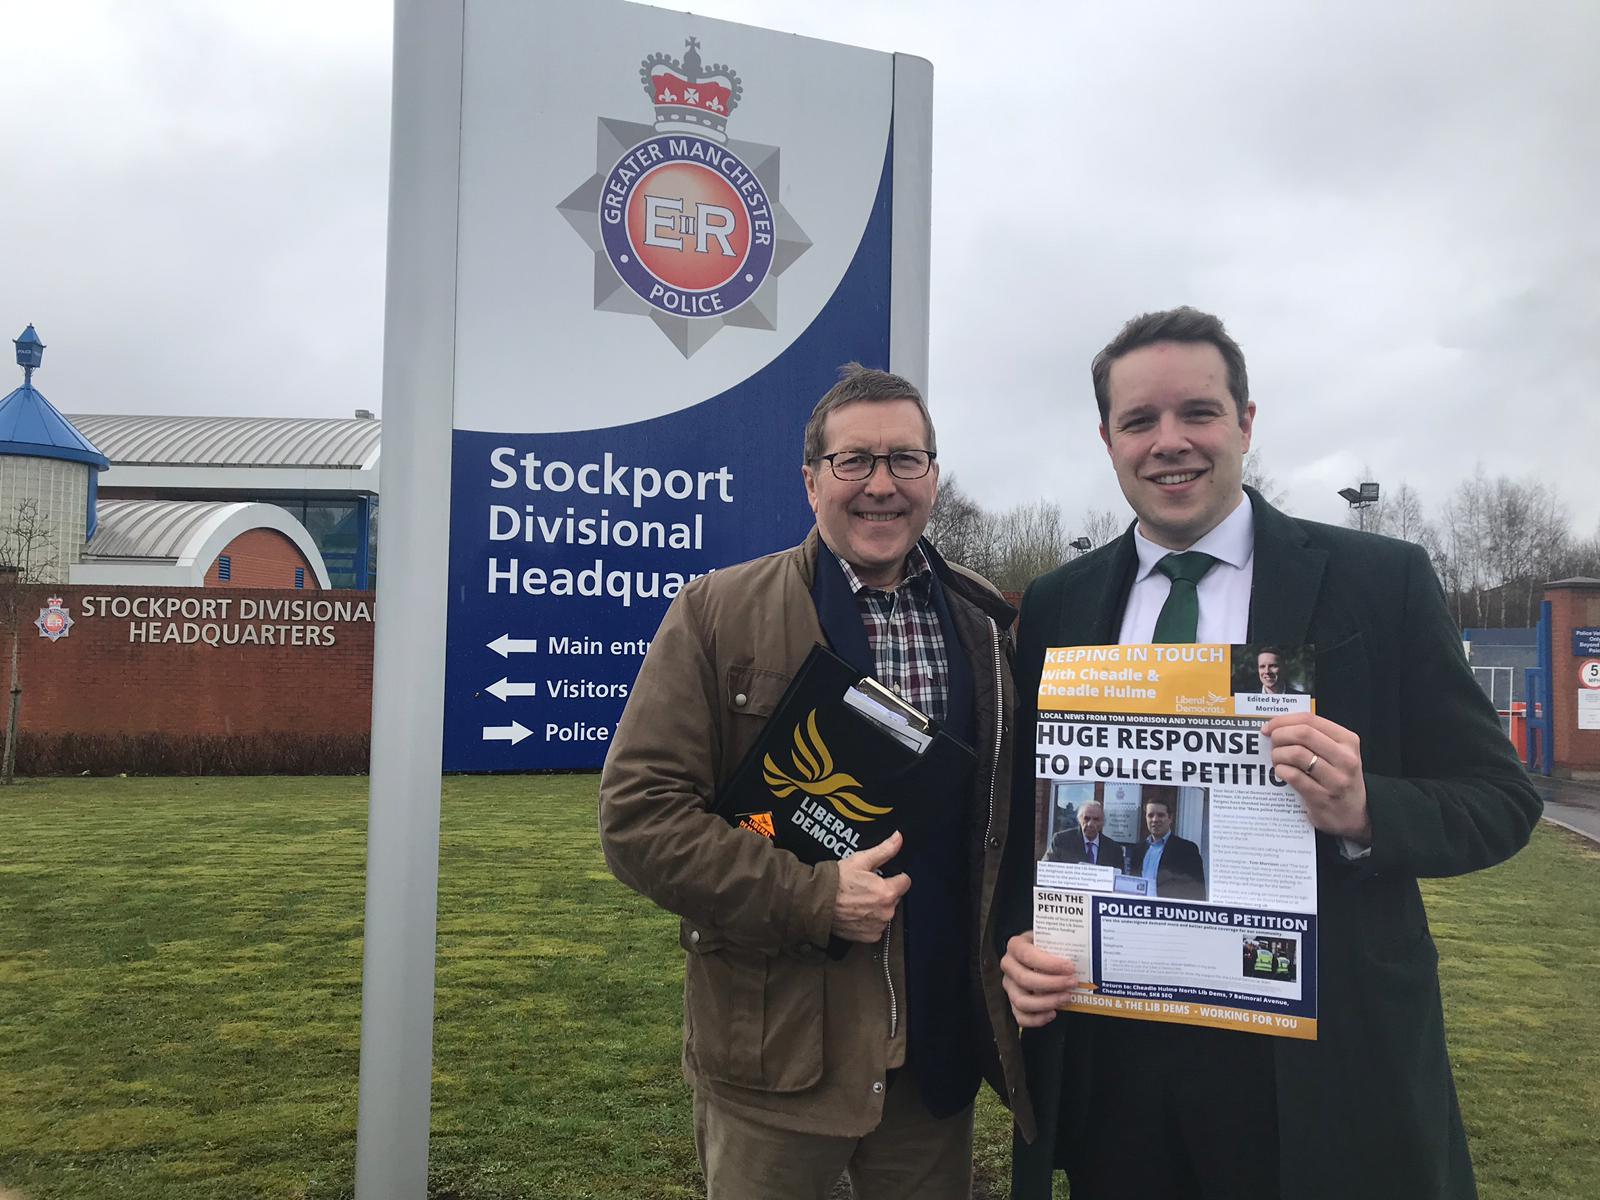 Tom Morrison and Mark Hunter Fighting Crime